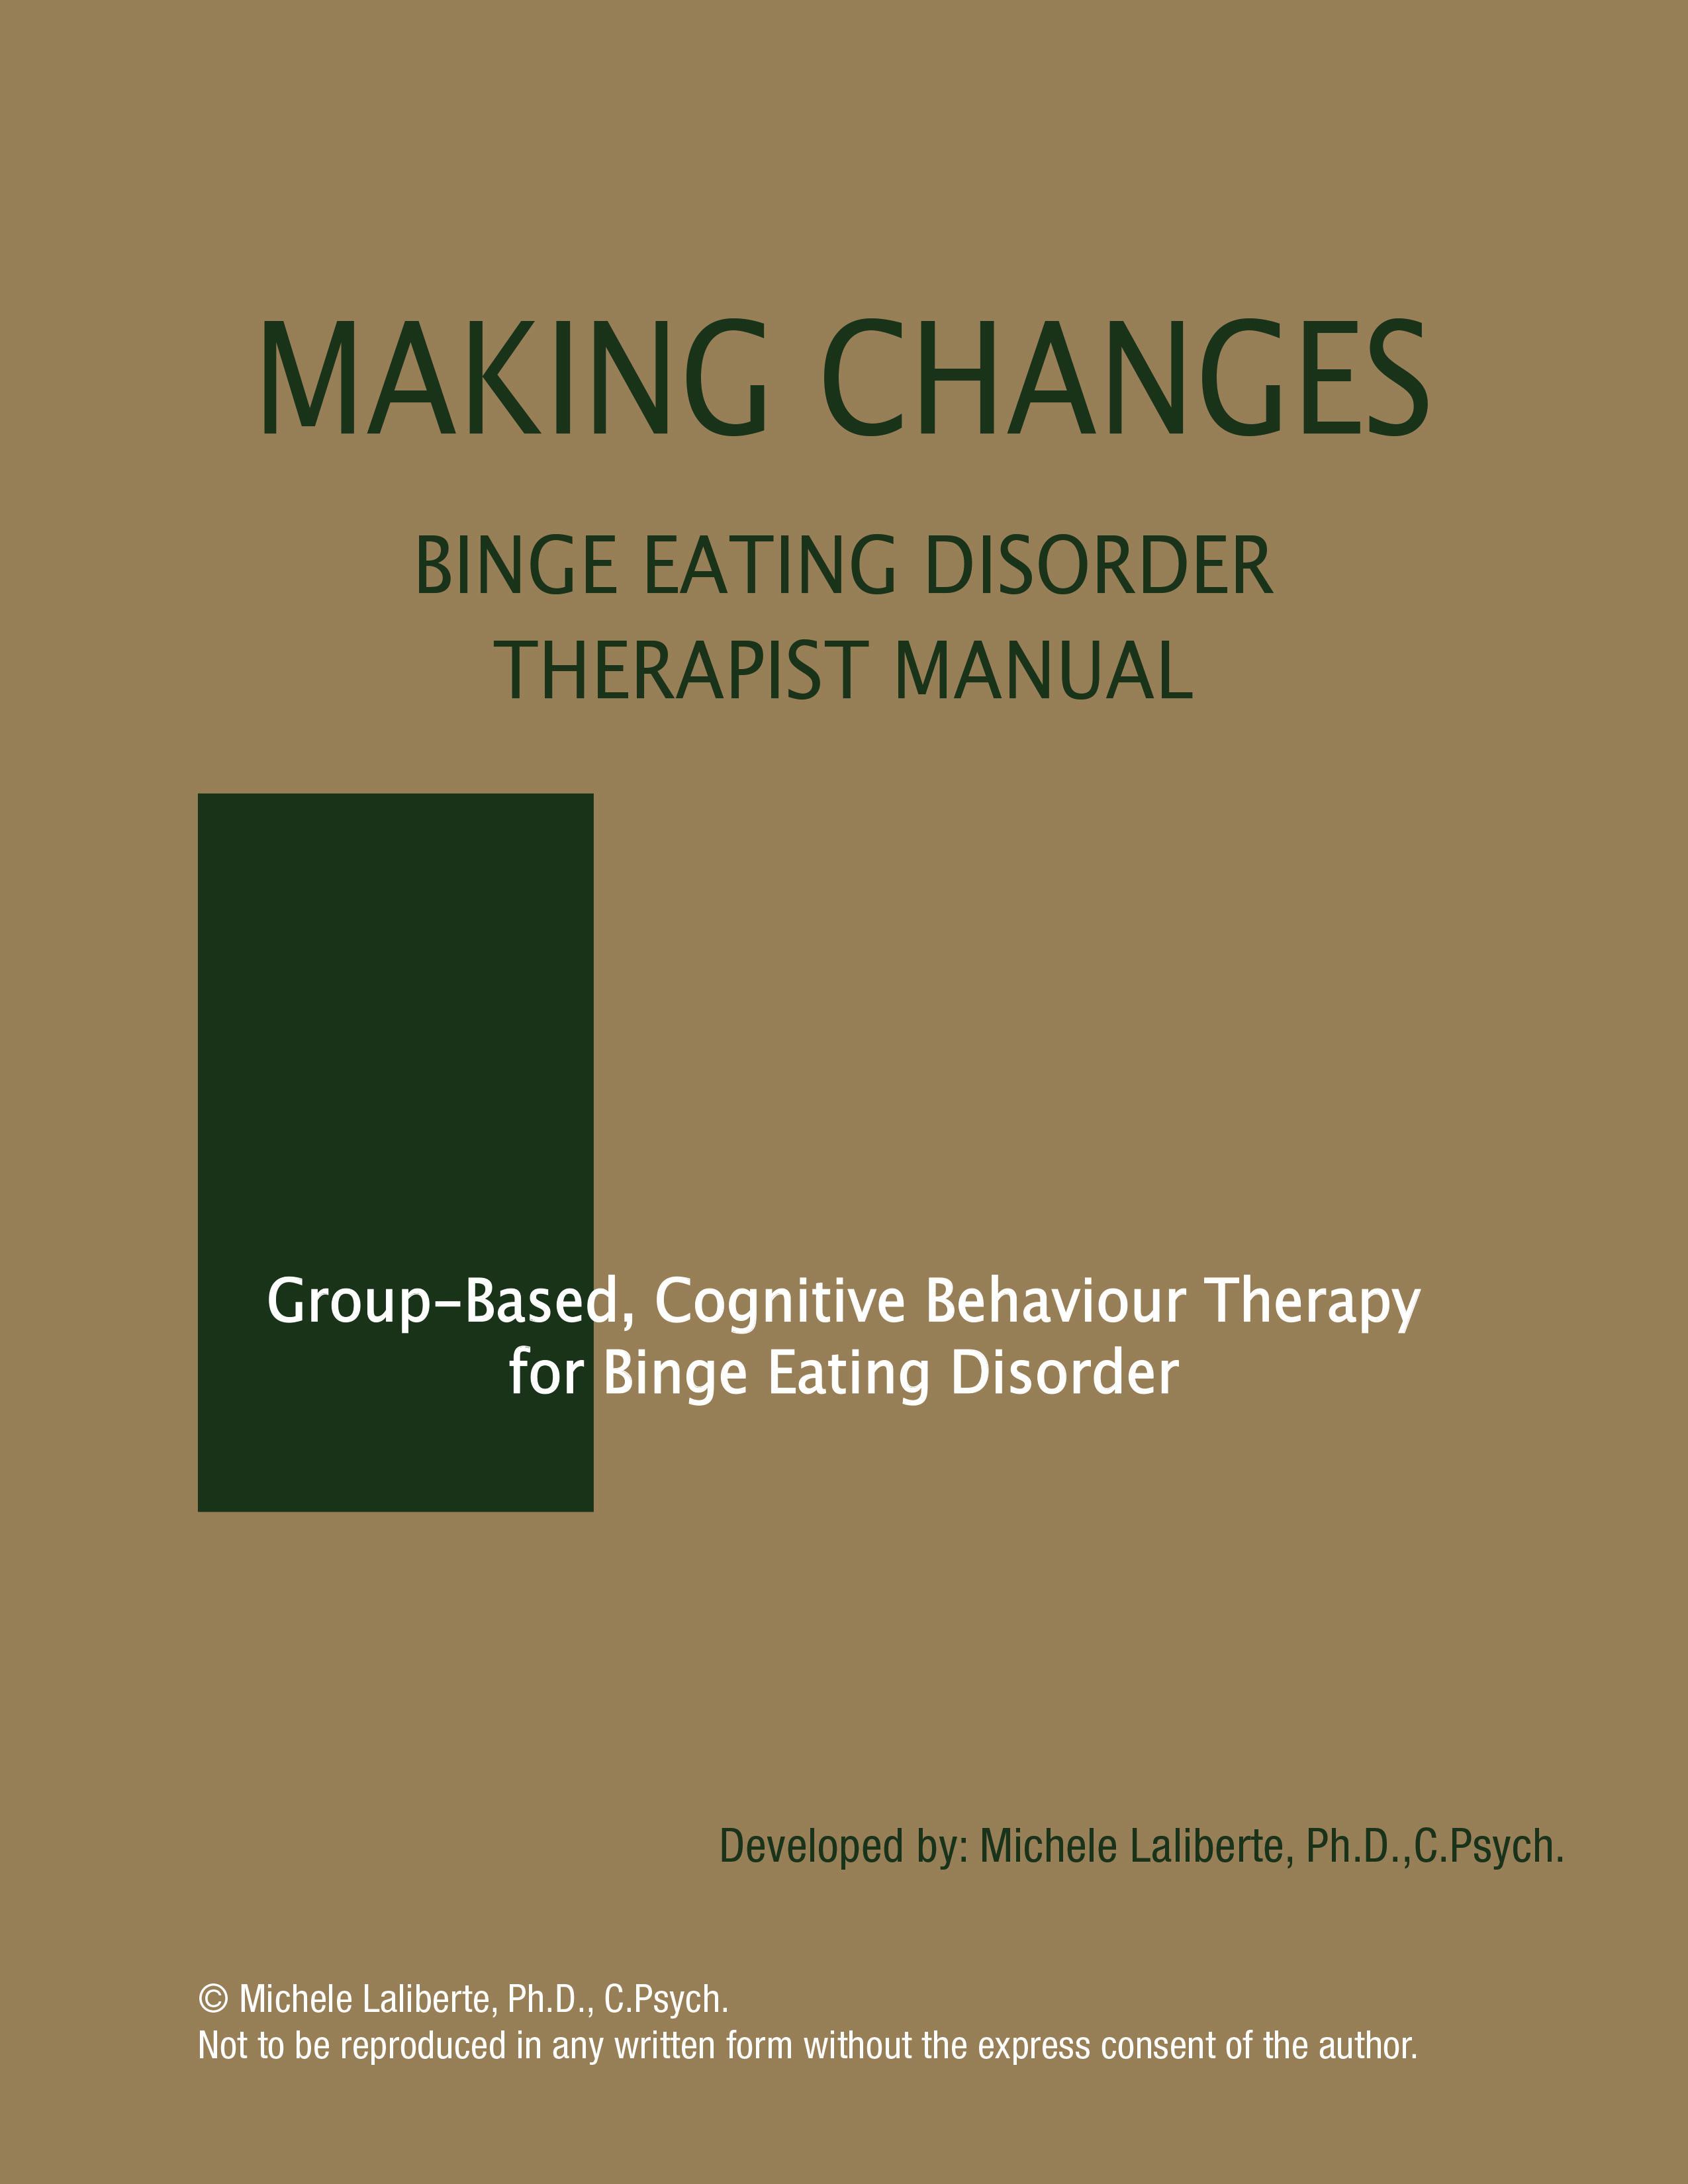 Binge Eating Disorder Therapist Manual